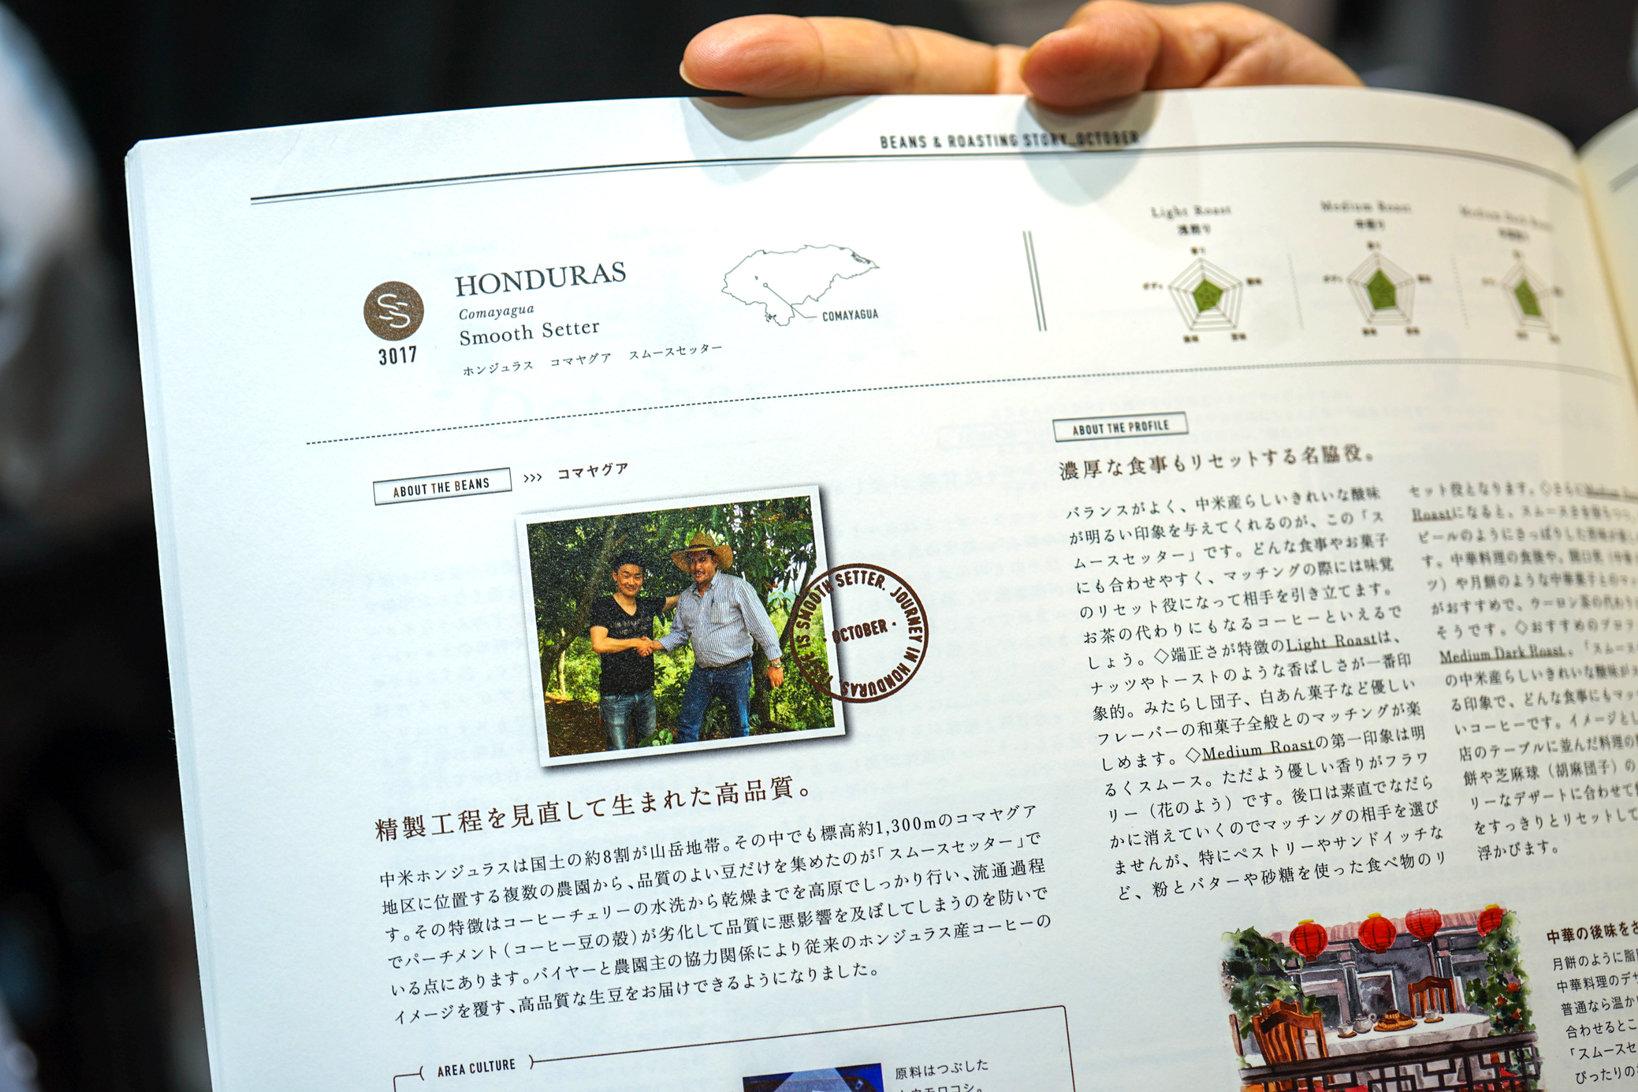 登録したユーザーに届けられる、コーヒー豆のストーリーを纏めた「ジャーニーブック」